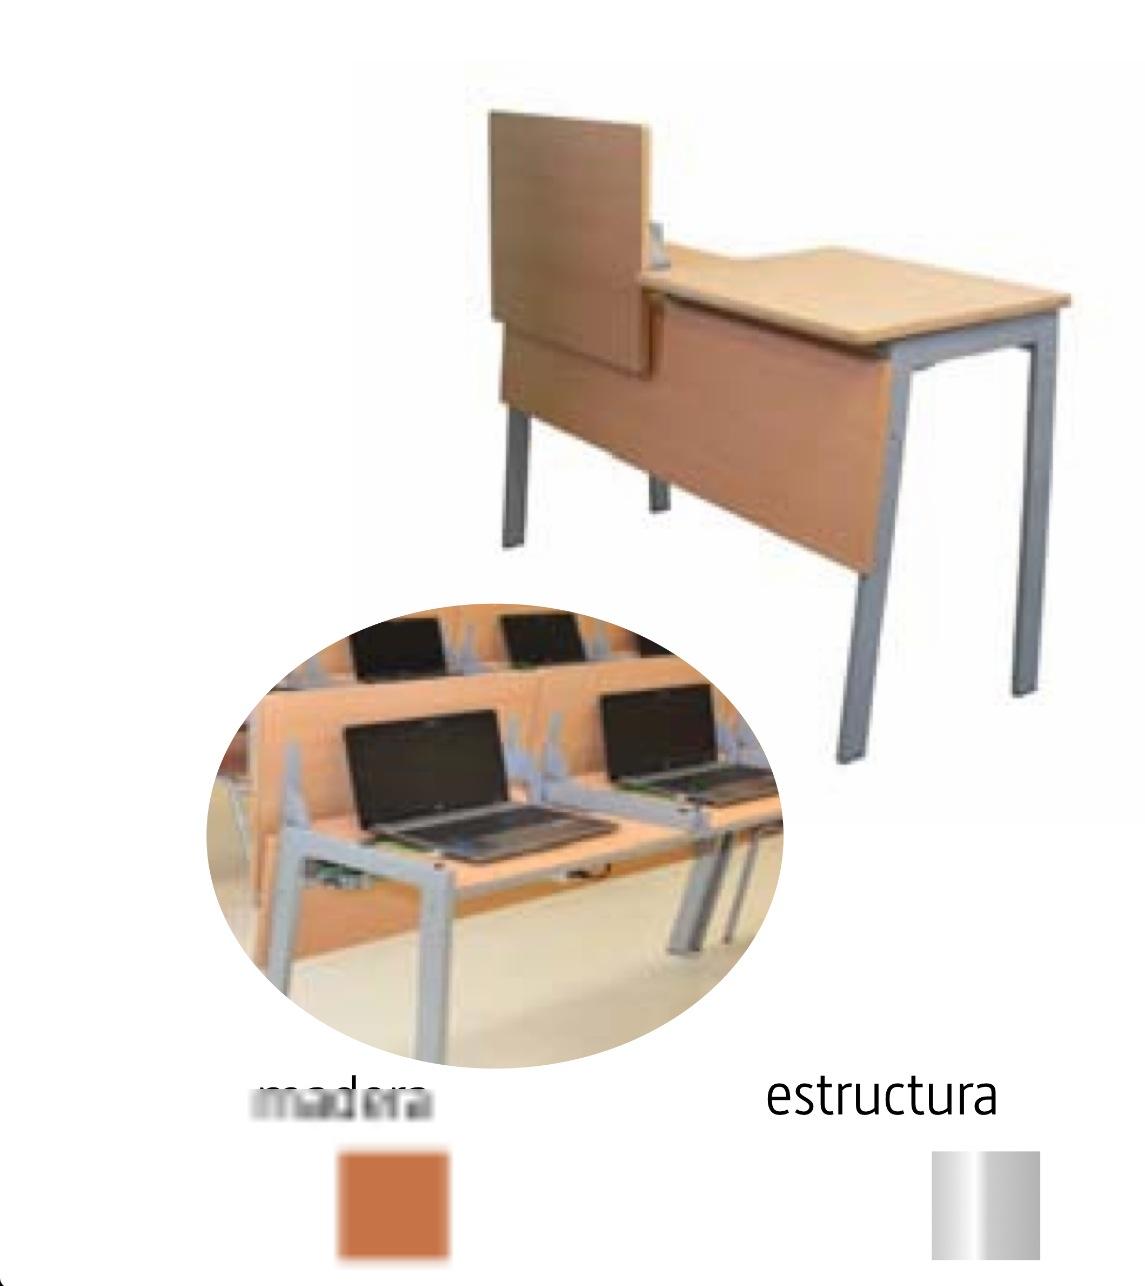 Aulas inform ticas mobiliario escolar y hogar garcabo s for Agora mobiliario s l